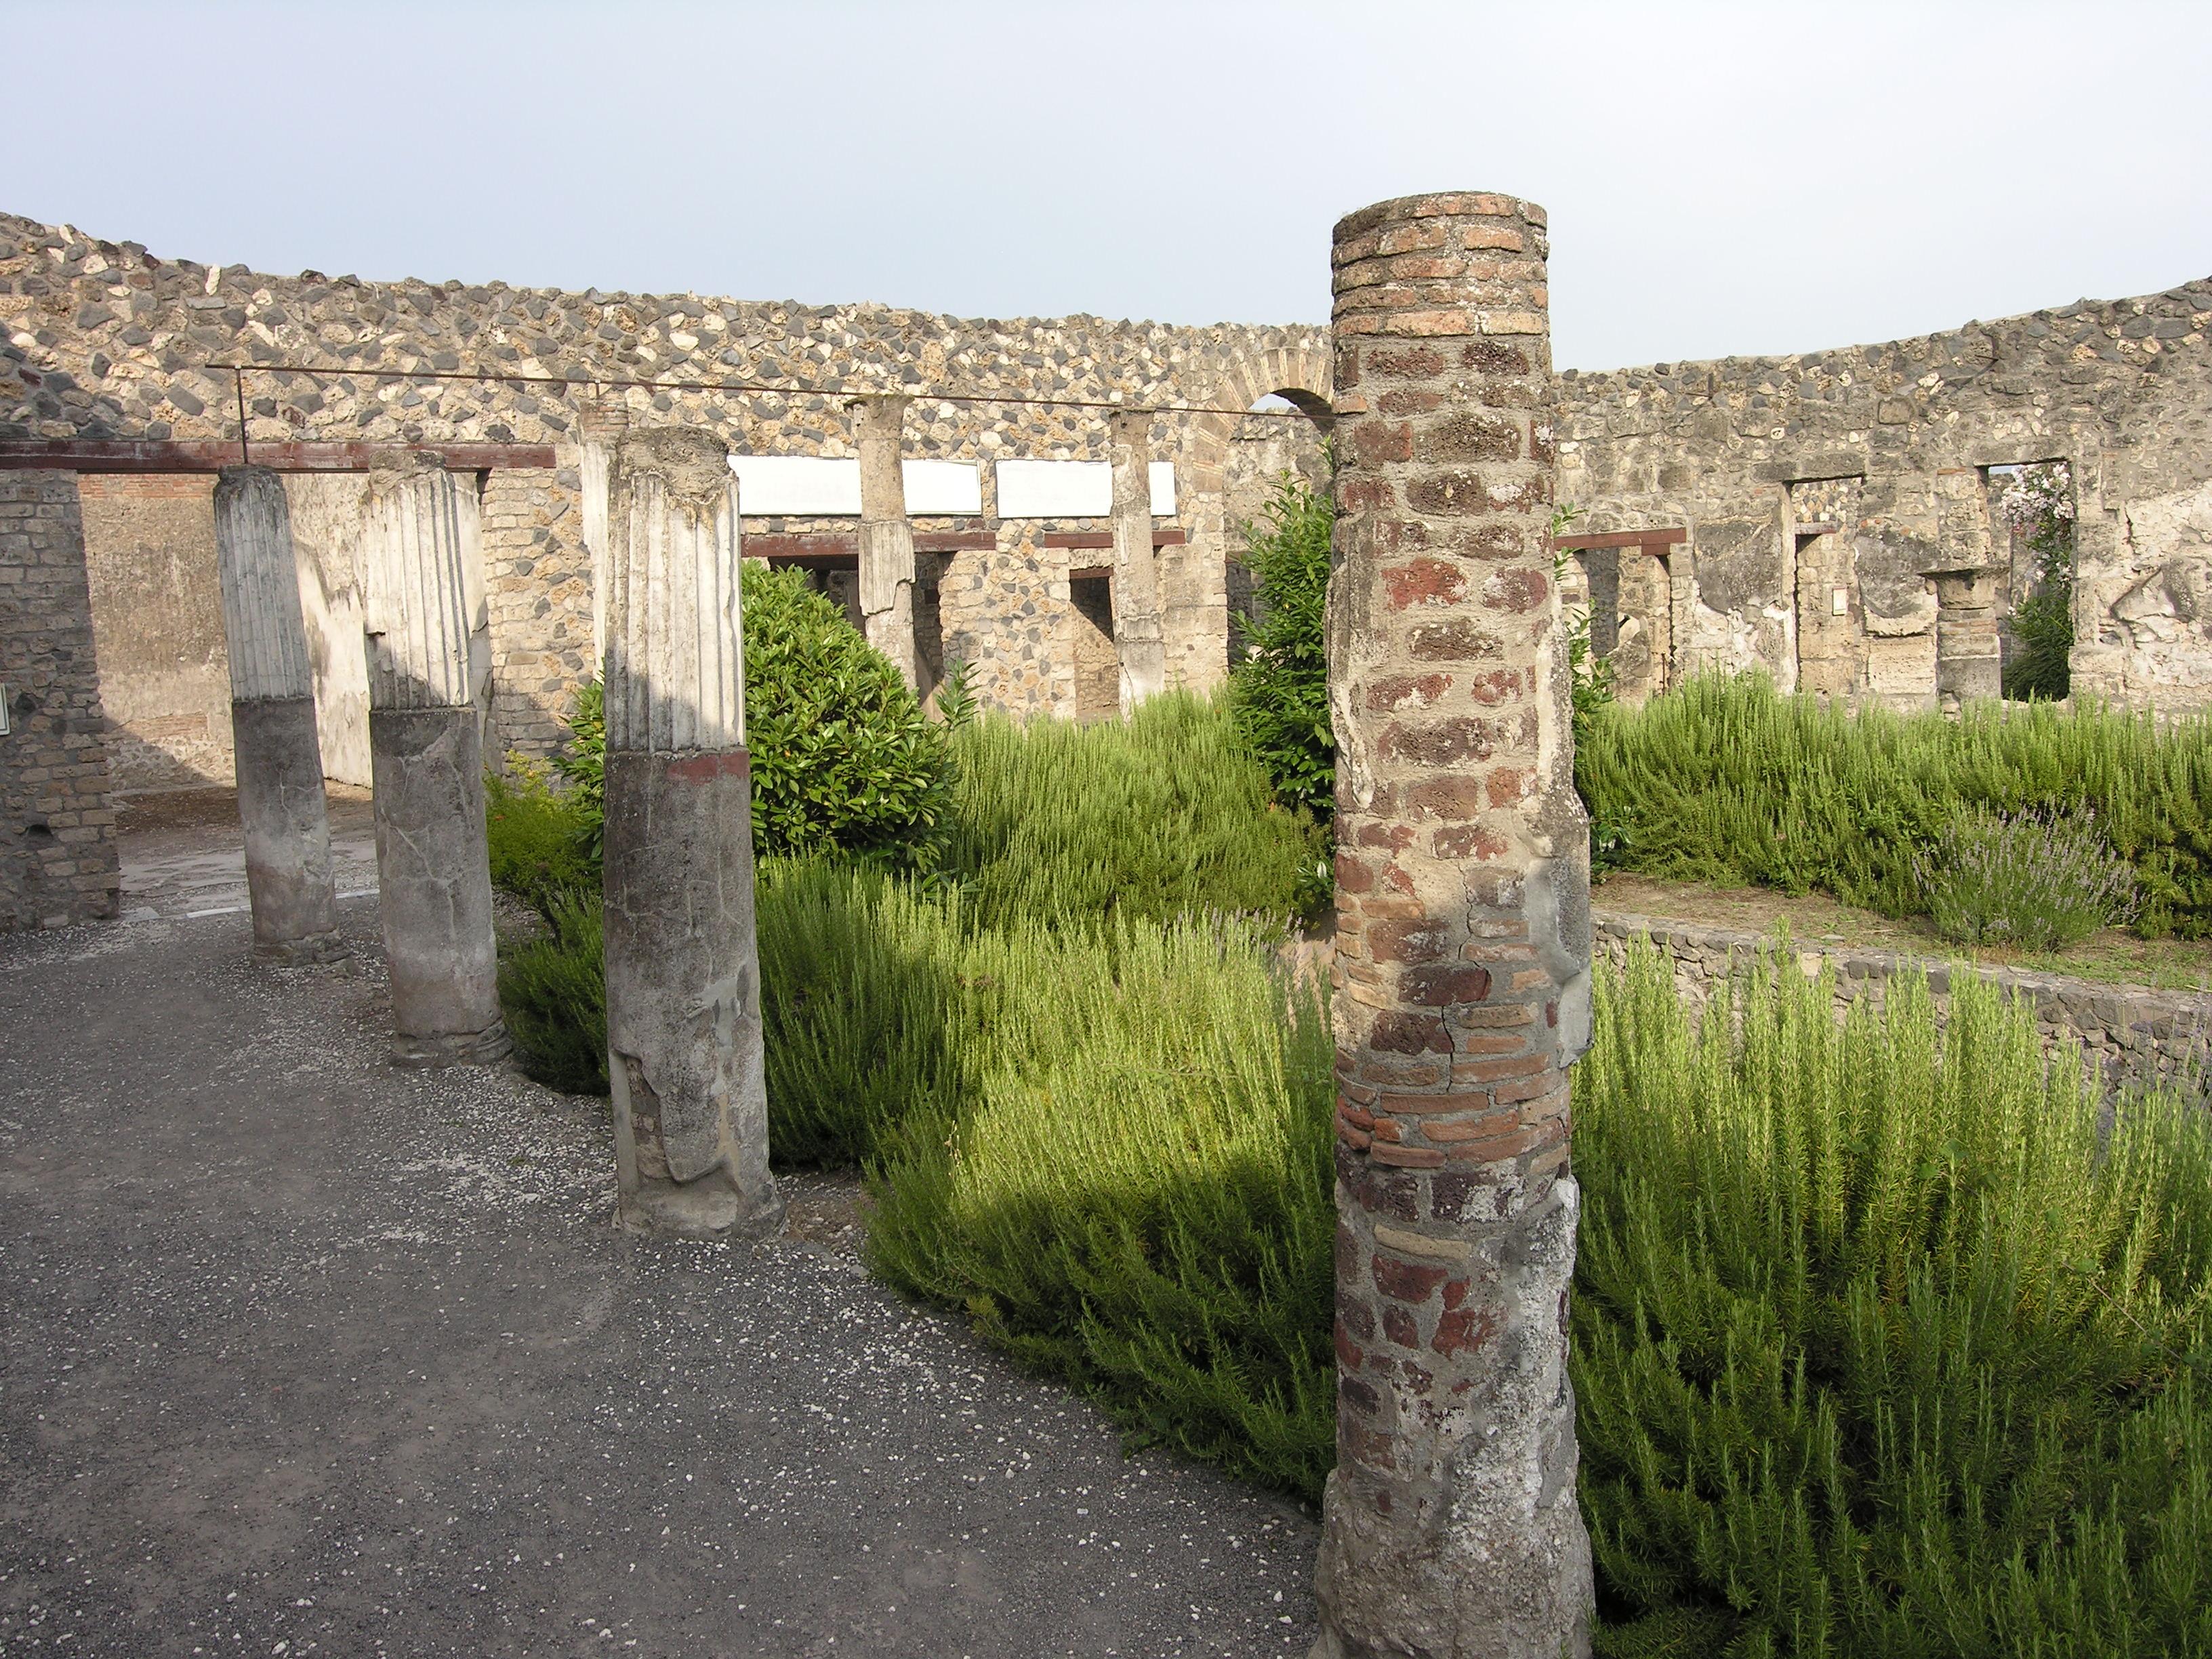 © Dipartimento di Scienze della Vita, Università degli Studi di Trieste<br>by Andrea Moro<br>Antica Pompei, scavi archeologici, NA, Campania, Italia, 12/07/2010<br>Distributed under CC-BY-SA 4.0 license.